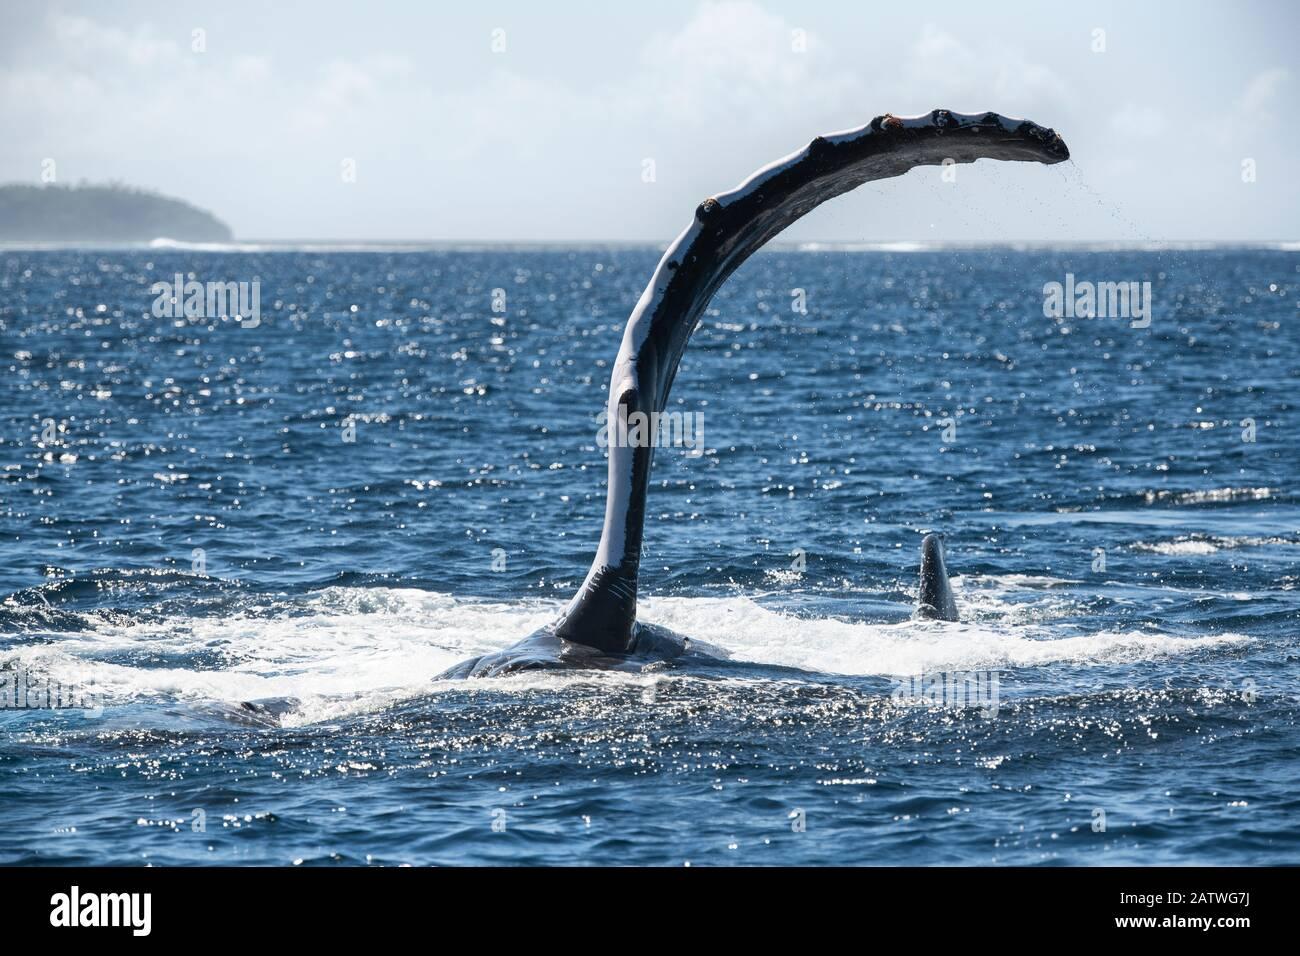 Ballena jorobada (Megaptera novaeangliae) situada a su lado mientras ejecuta una serie de palmadas de aleta pectoral en la superficie del océano. Vavau, Tonga, Pacífico Sur. Foto de stock